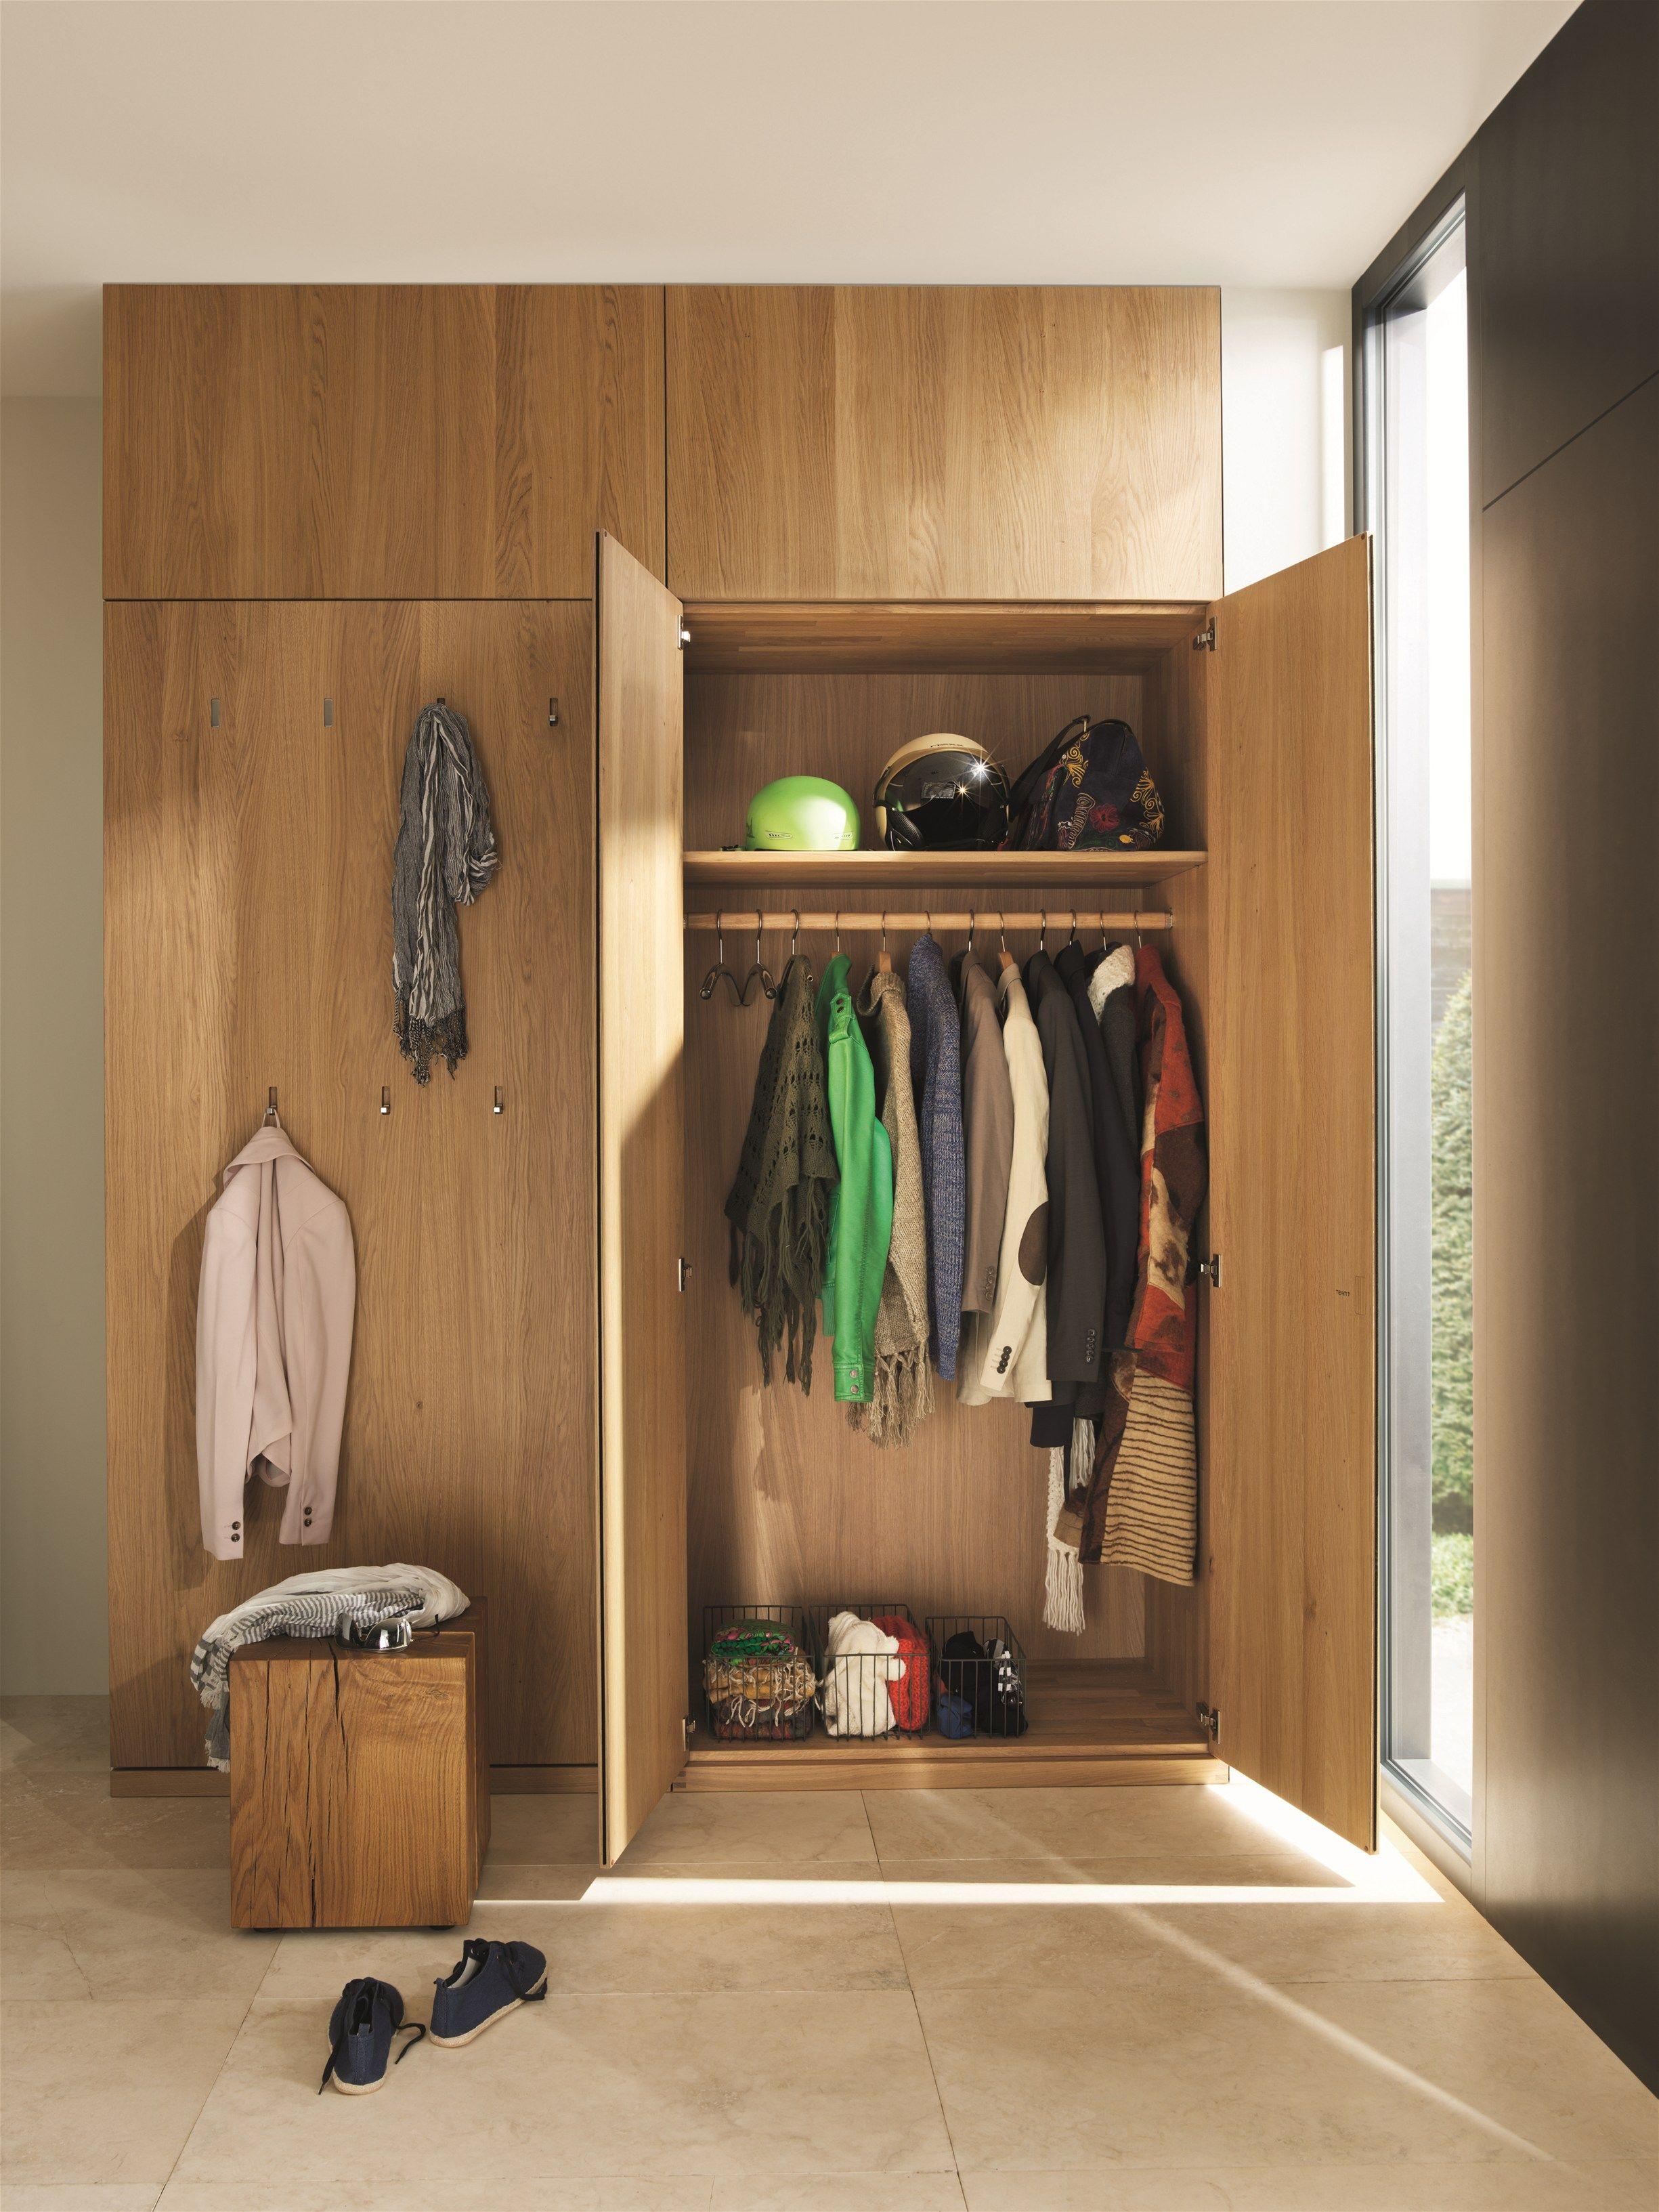 Modern hallway furniture ideas  CUBUS PURE Hallway unit by TEAM  Natürlich Wohnen design Sebastian